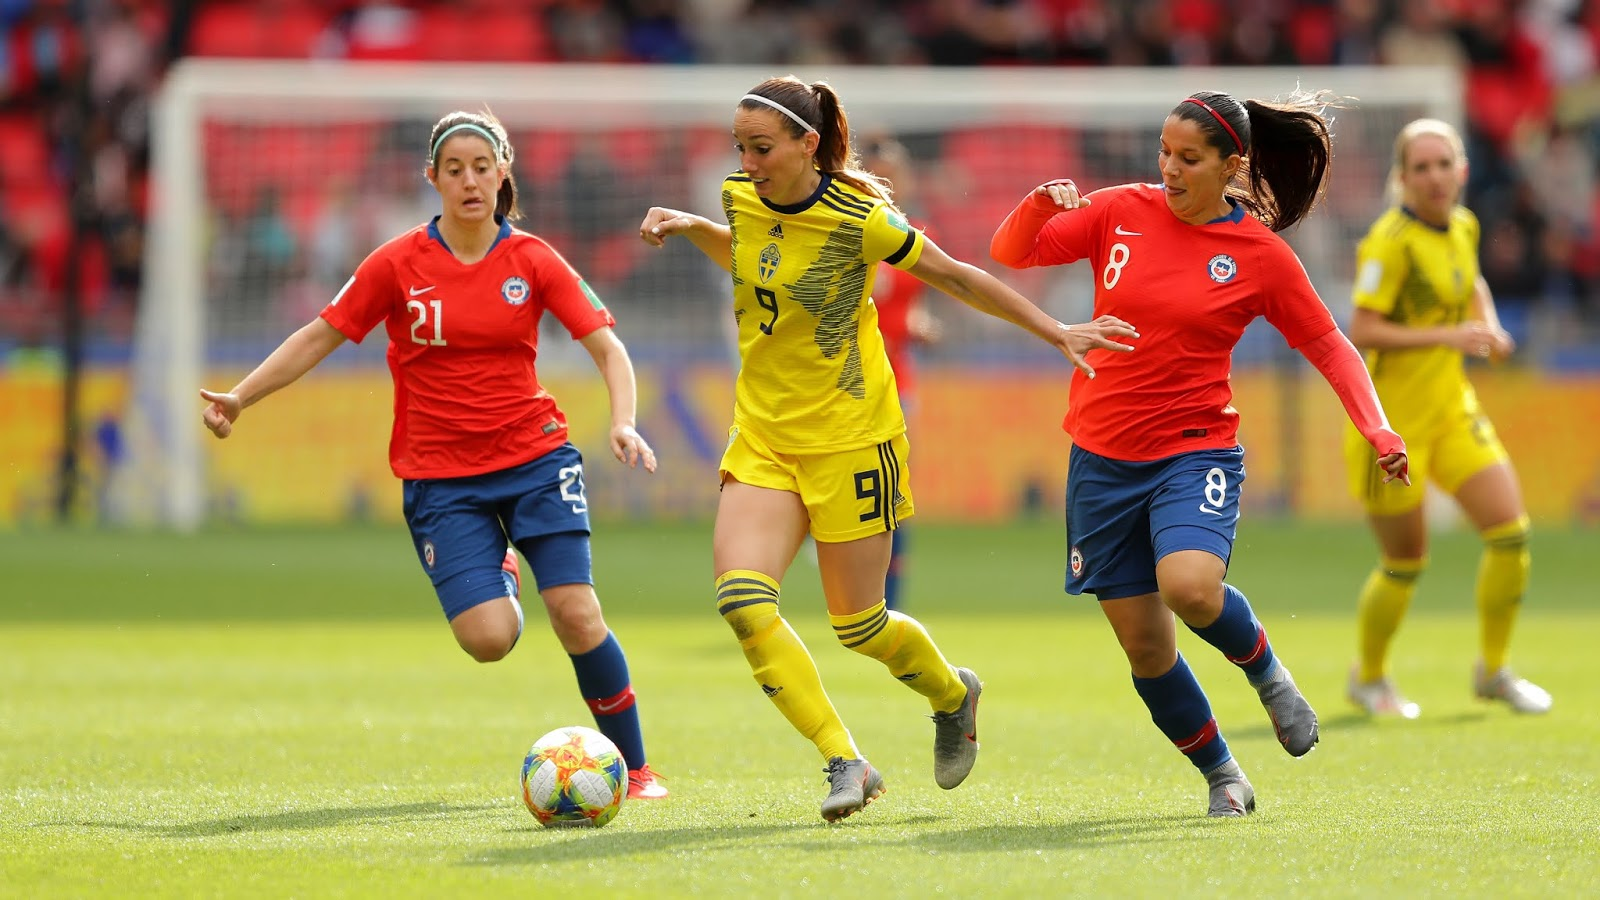 Chile y Suecia en Copa Mundial Femenina de Fútbol Francia 2019, 11 de junio